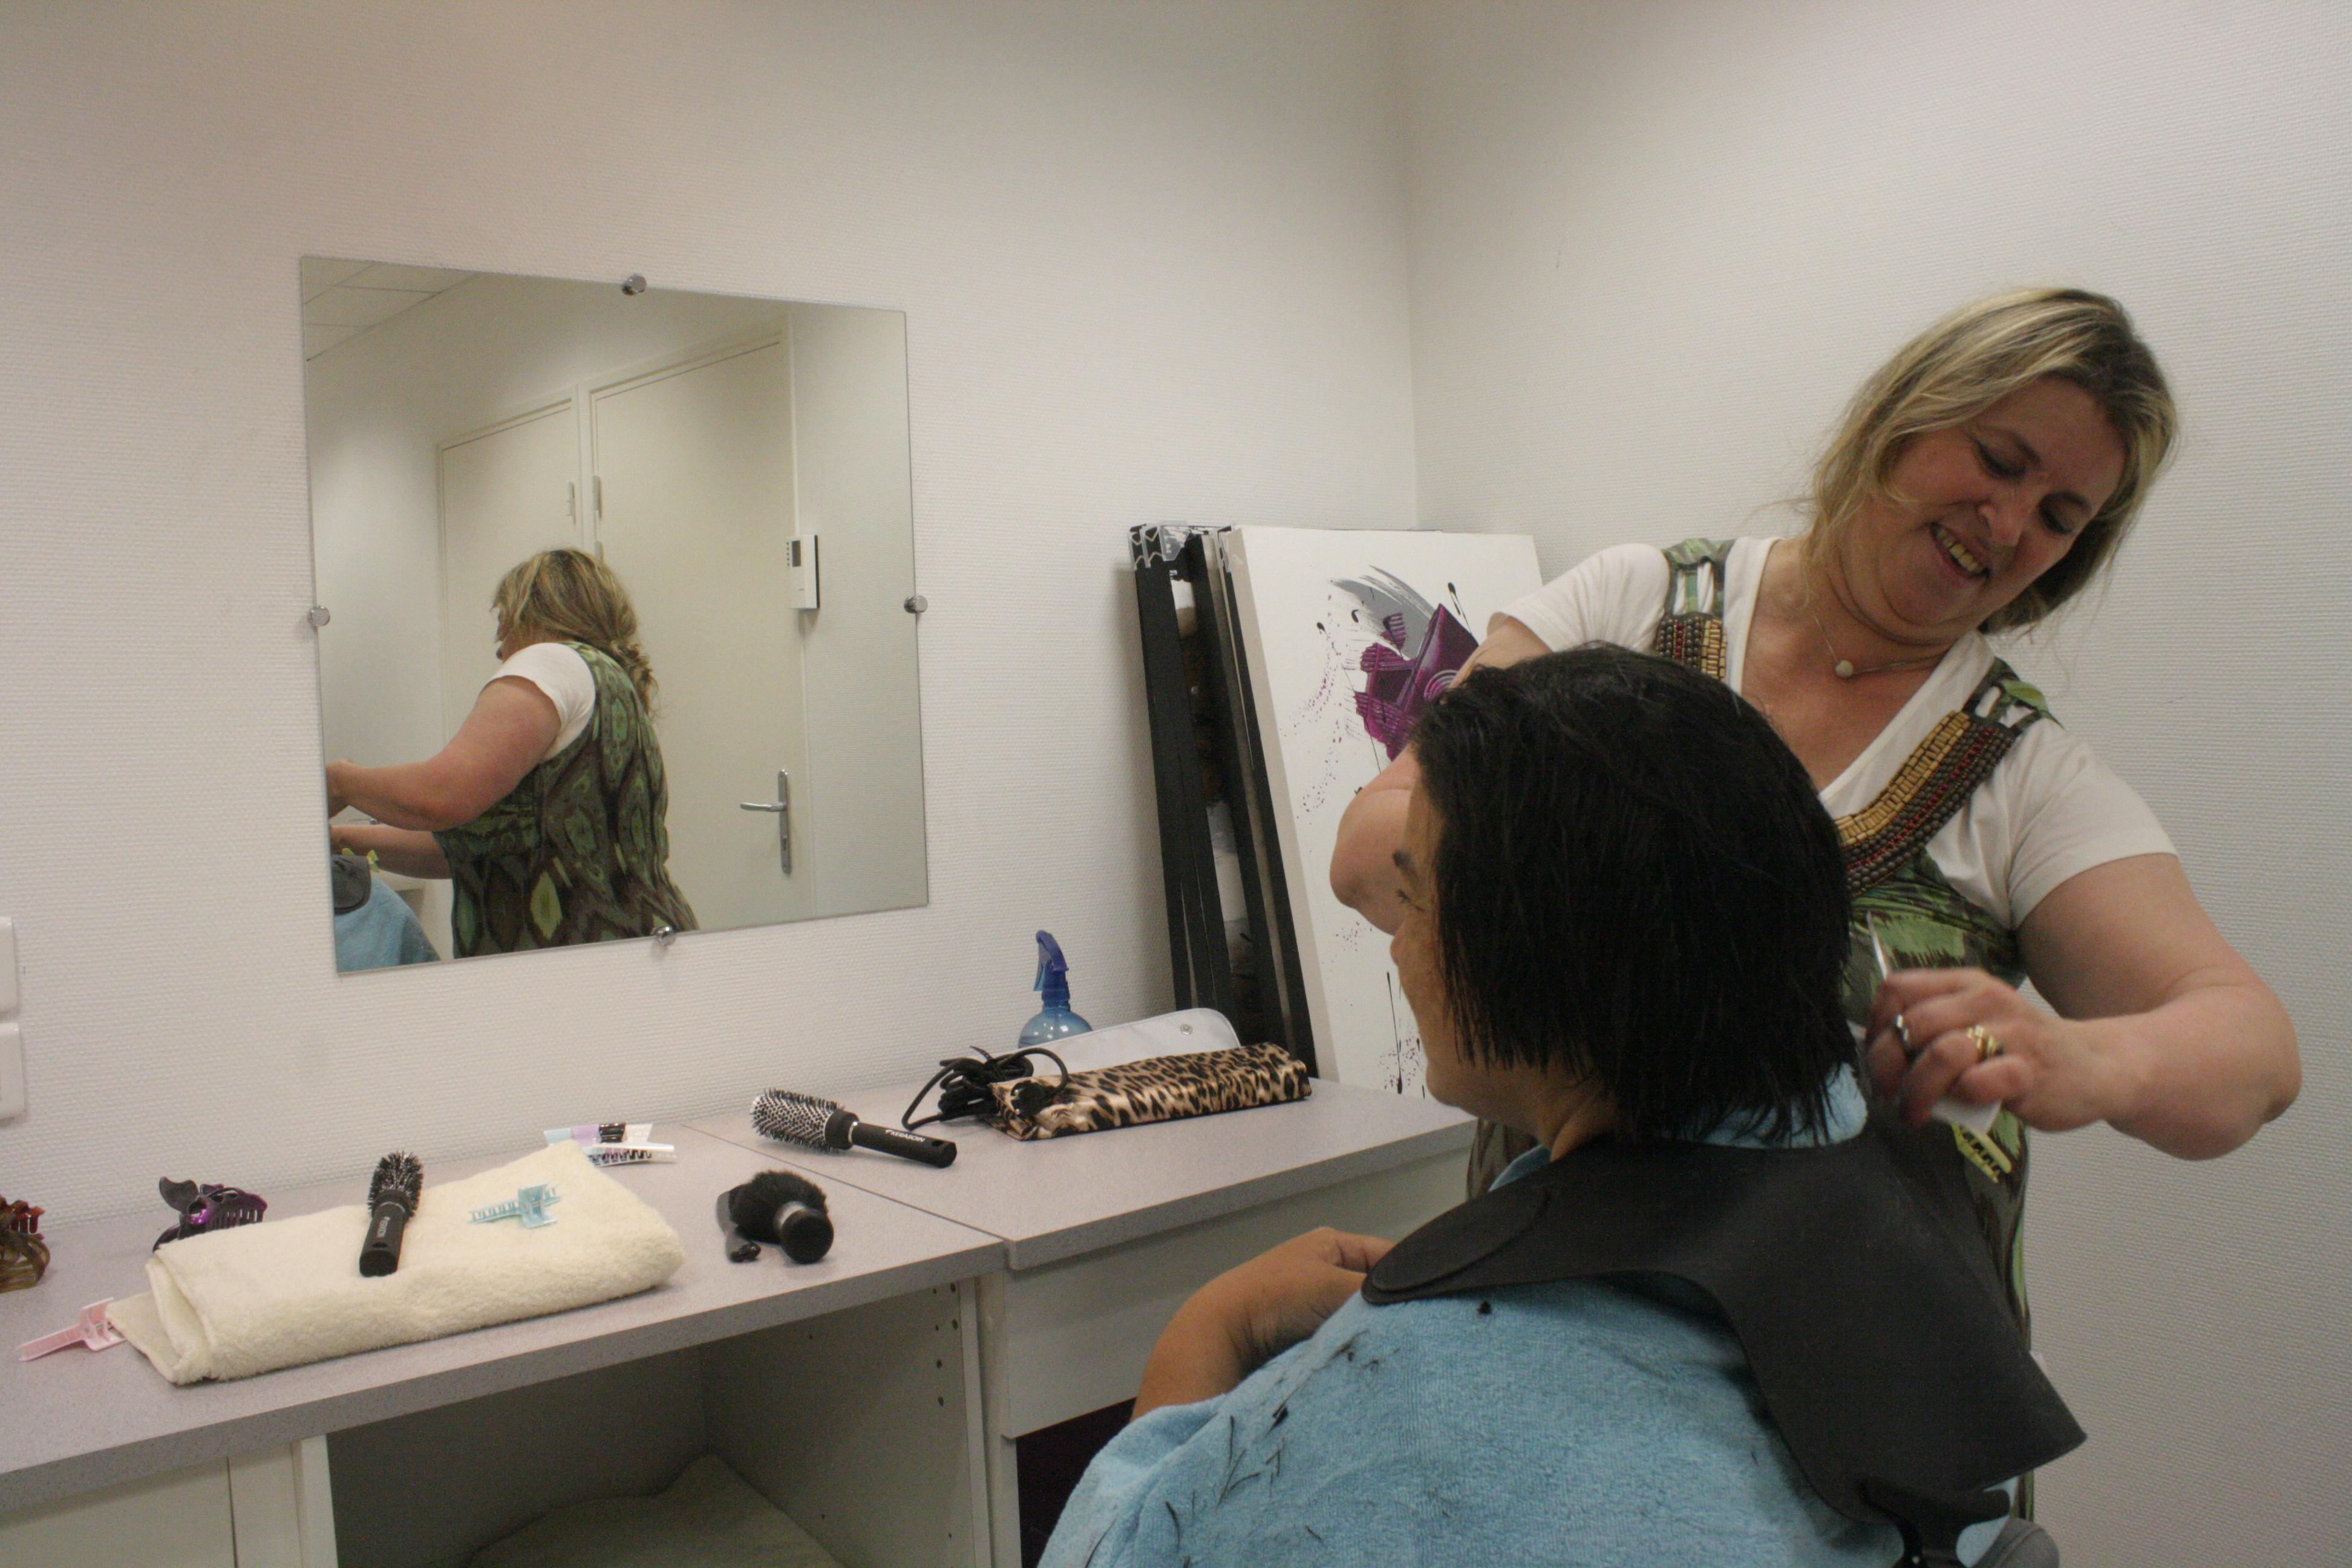 Secours populaire archiv ouverture du salon de coiffure esth tique de la f d ration du nord - Ouverture salon de coiffure ...